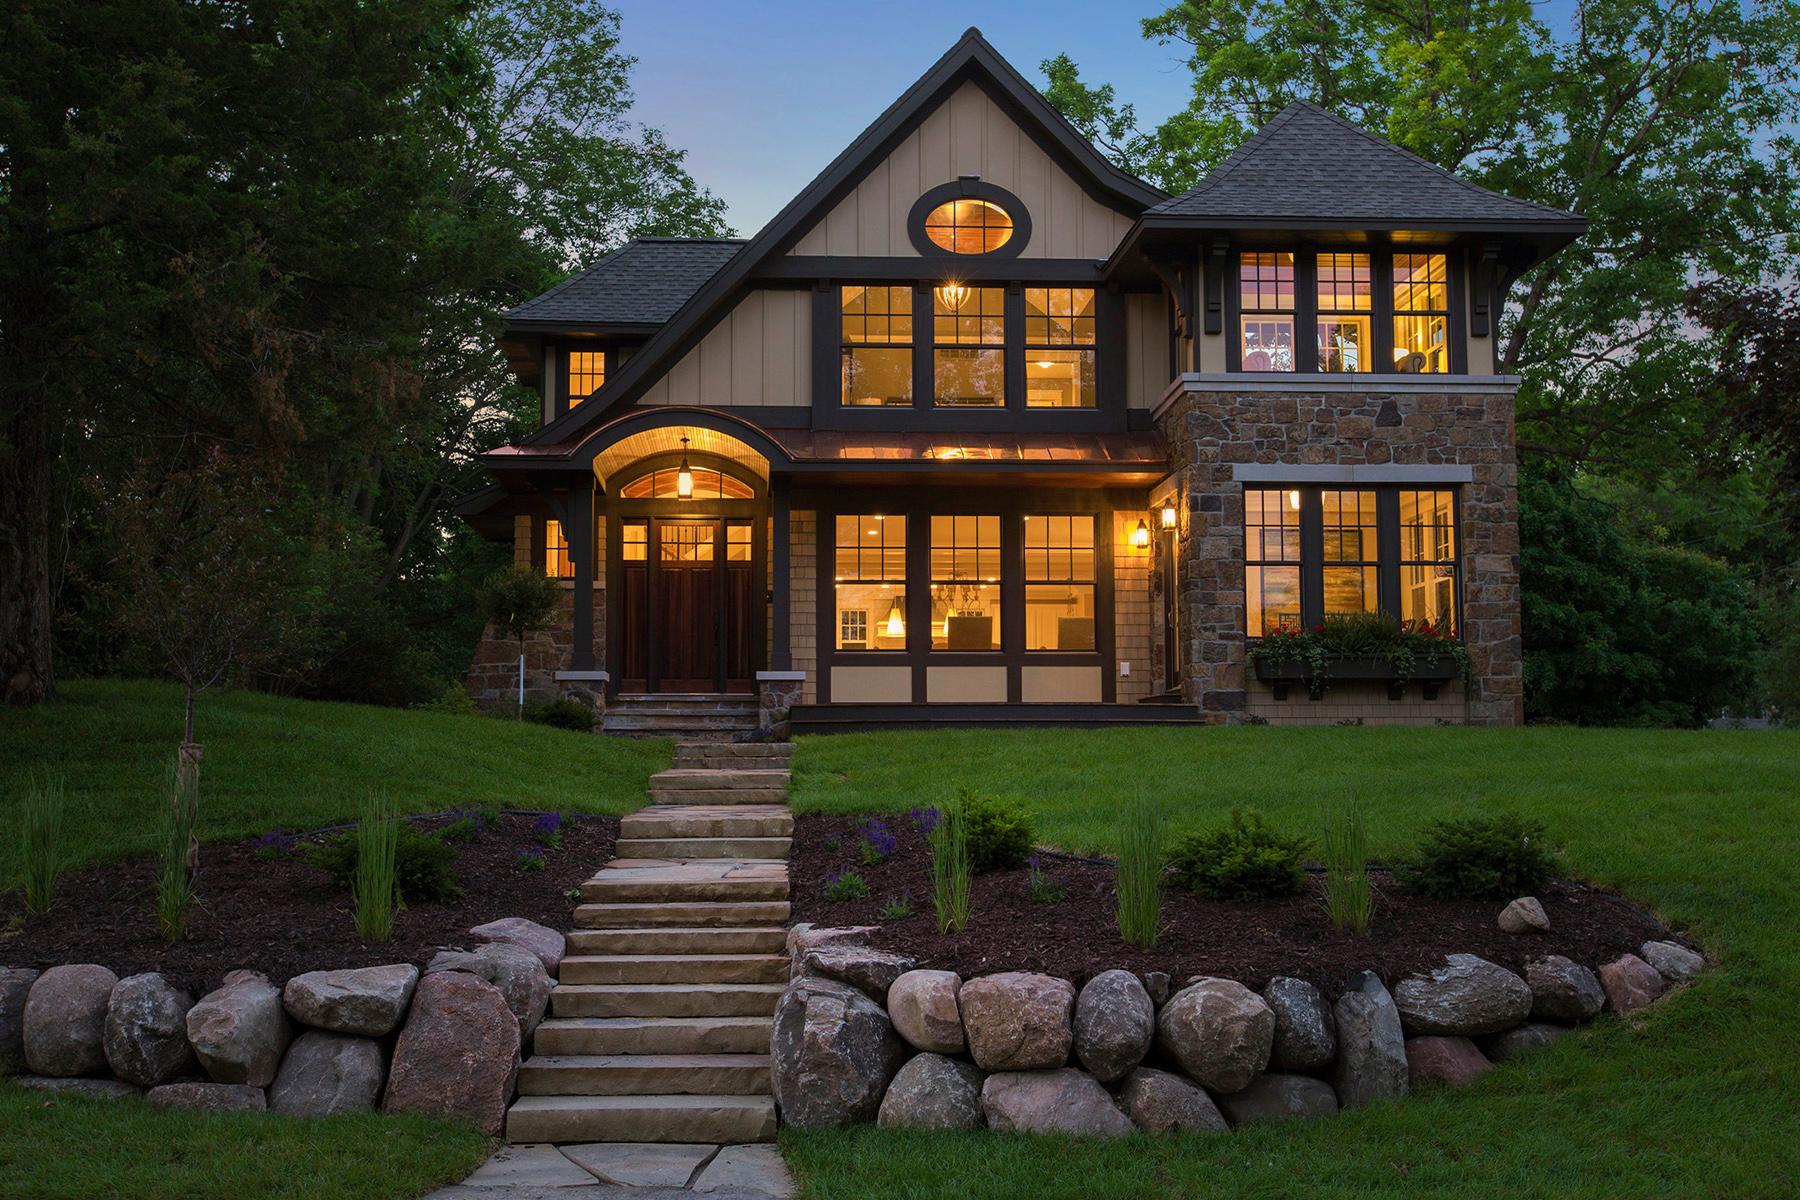 home designer suite 2018 box cover house crafting modern. Black Bedroom Furniture Sets. Home Design Ideas